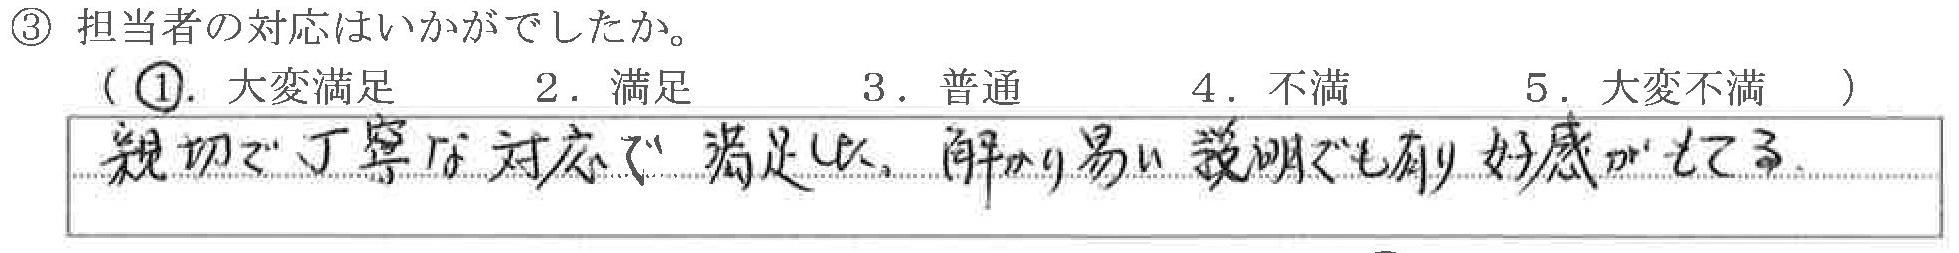 石川県河北郡M様に頂いた給気口フィルター販売についてのお客さまの声というご質問について「給気口フィルター販売【お喜びの声】」というお声についての画像